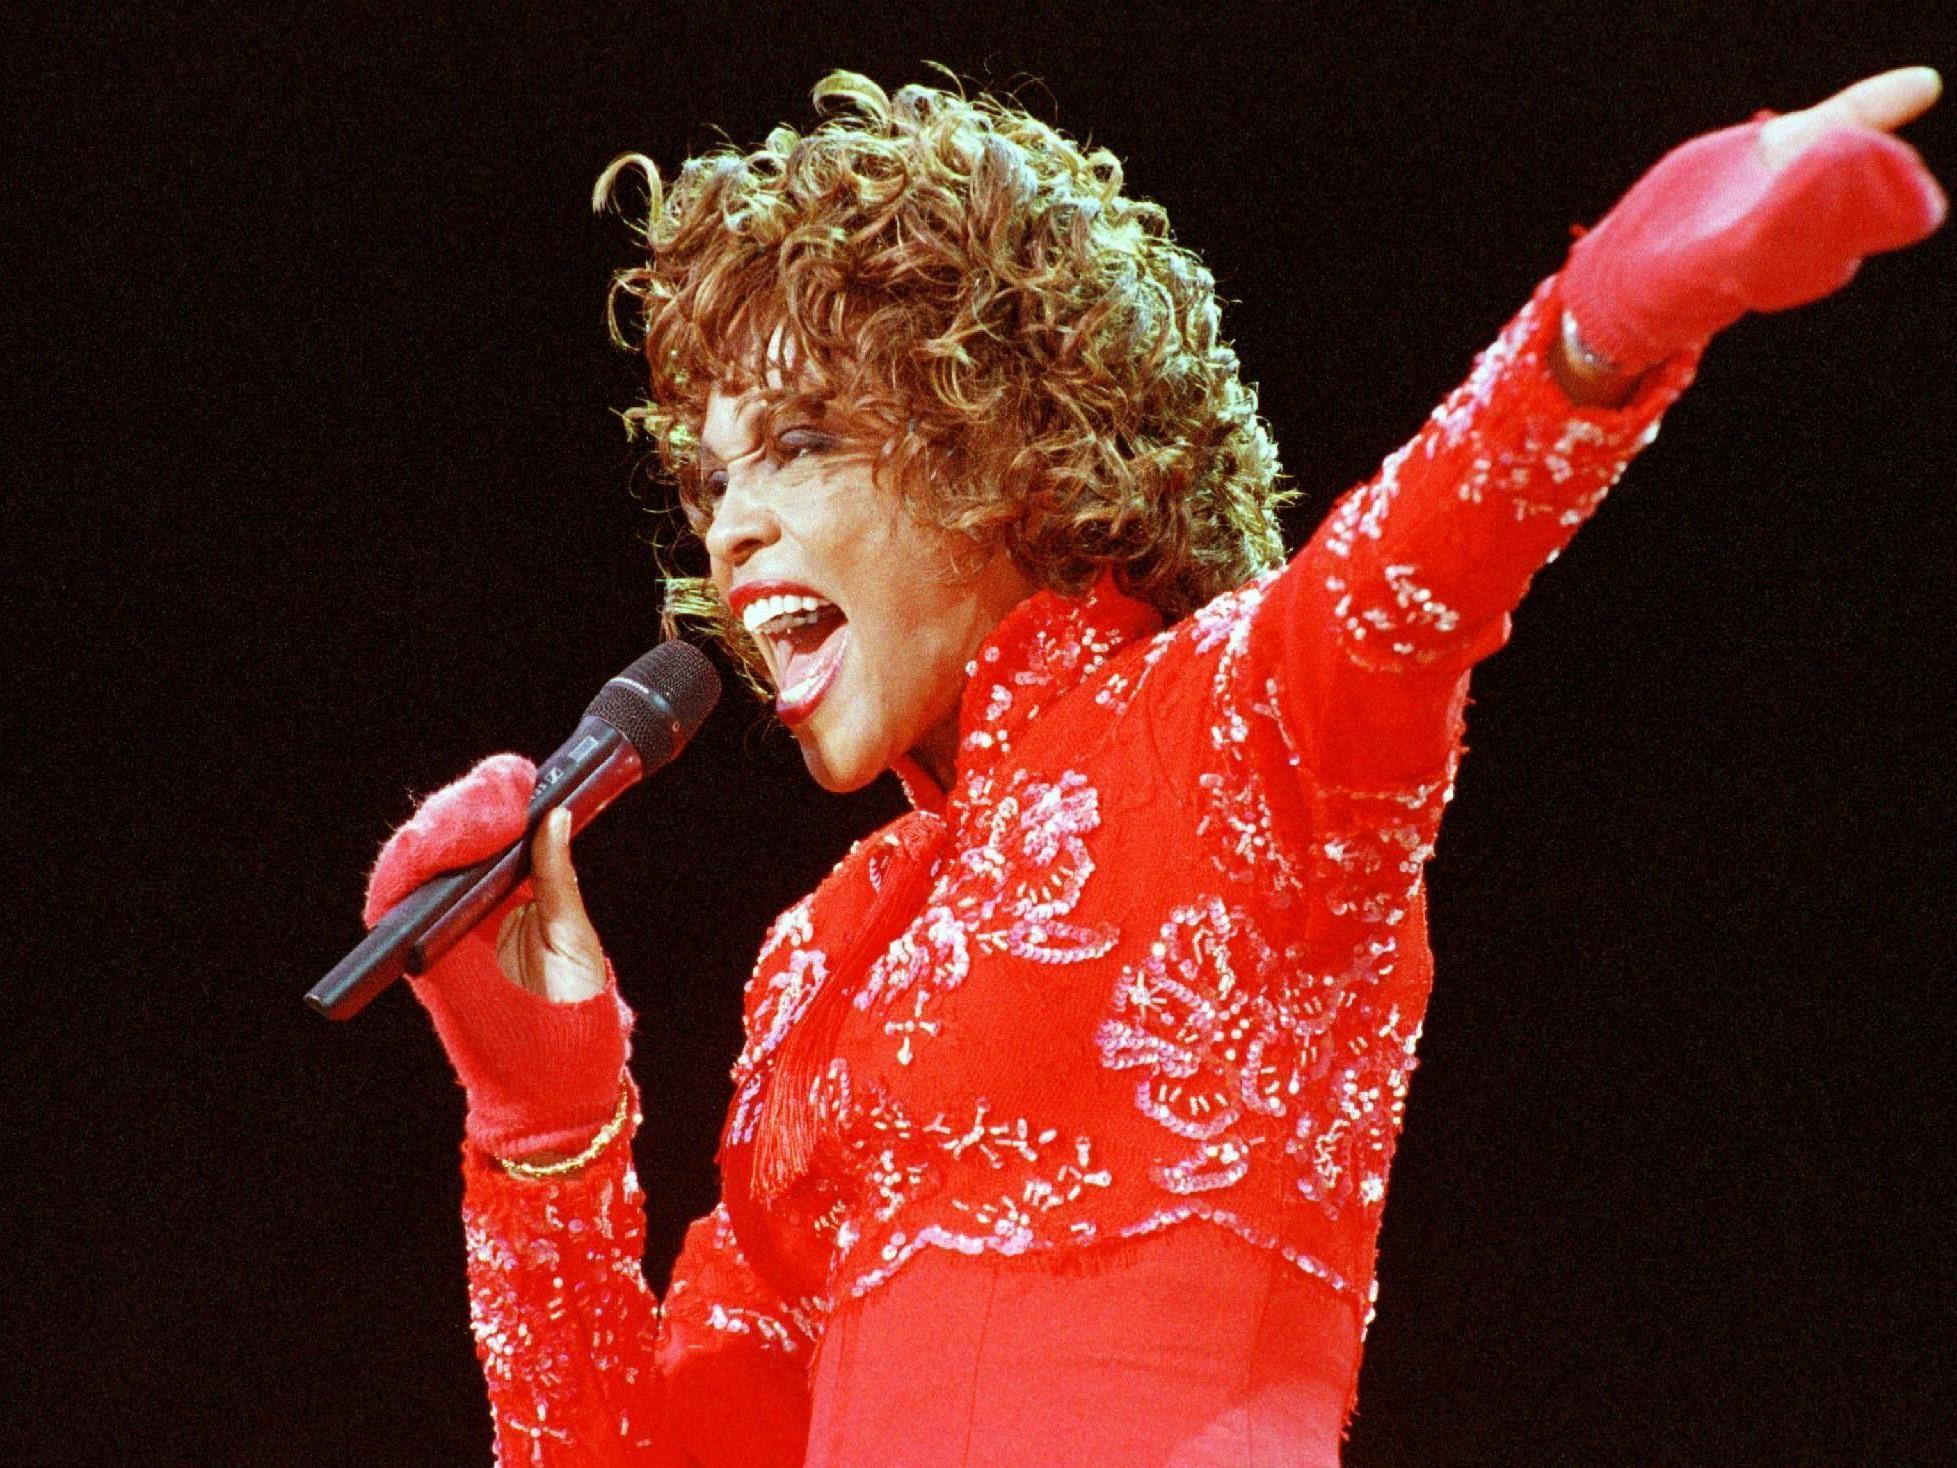 Zwei Songs der Popdiva Whitney Houston sind nun aufgetaucht.